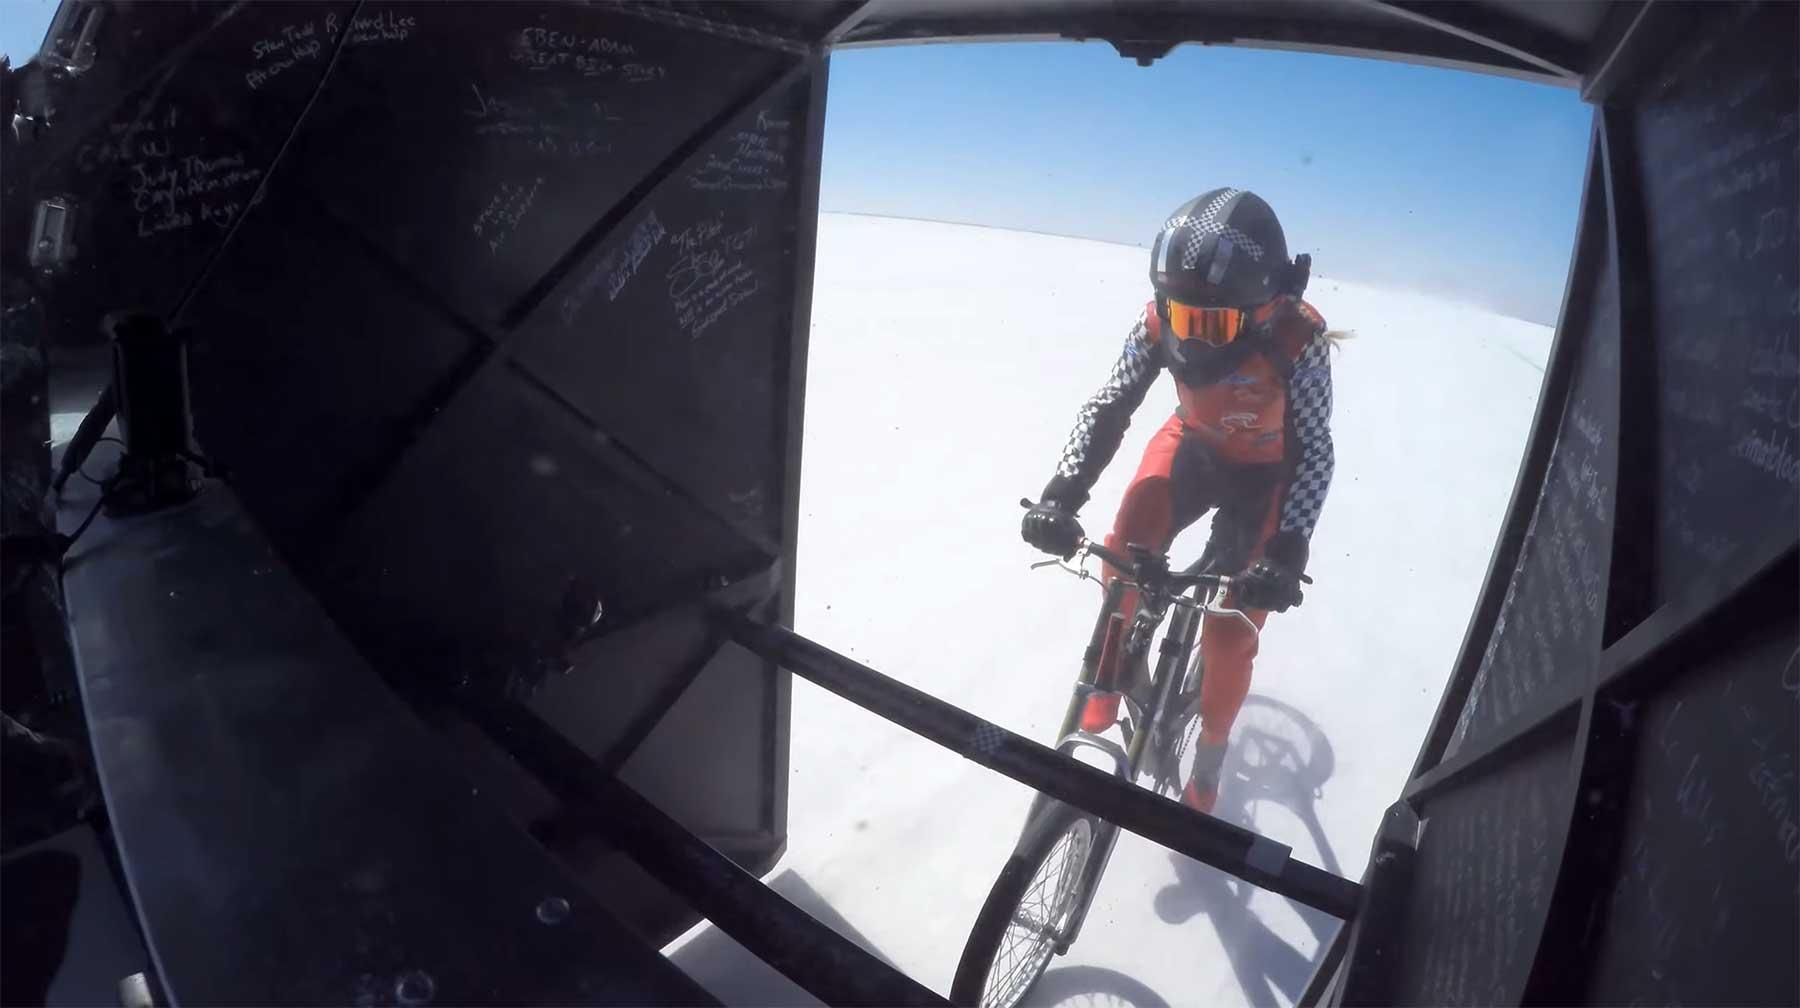 296 km/h auf dem Fahrrad fahren fahrradfahrgeschwindigkeitsweltrekord